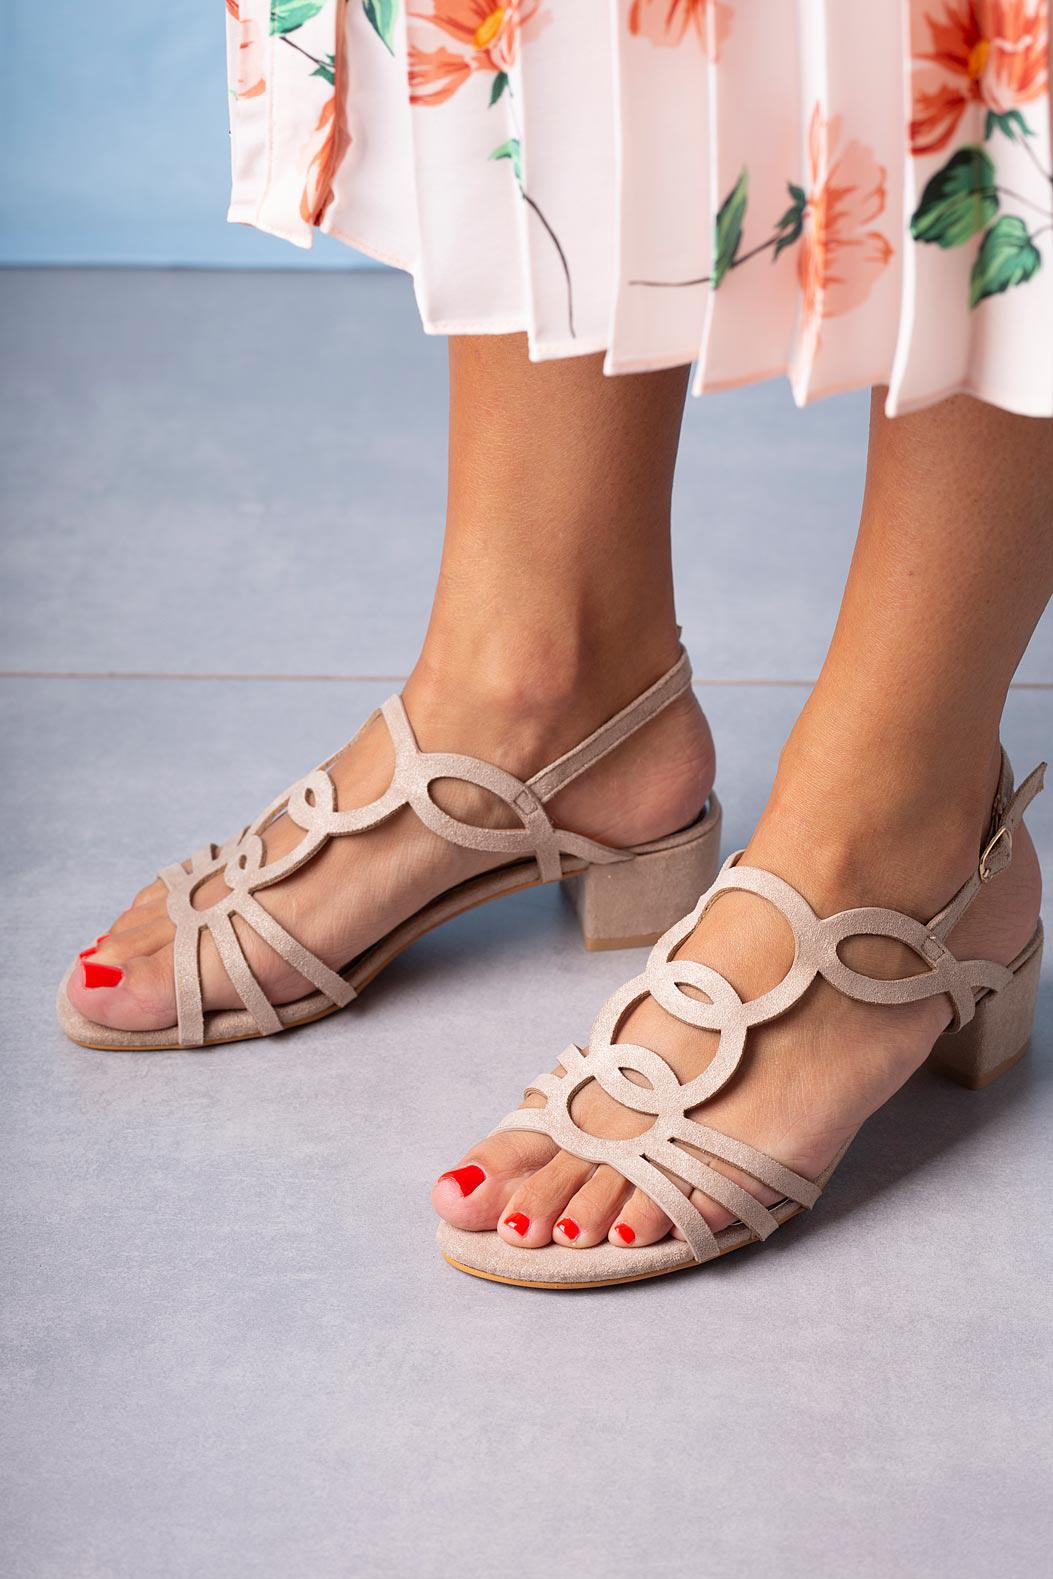 Beżowe sandały błyszczące na niskim obcasie z wycięciami ze skórzaną wkładką Casu A20X3/BE beżowy